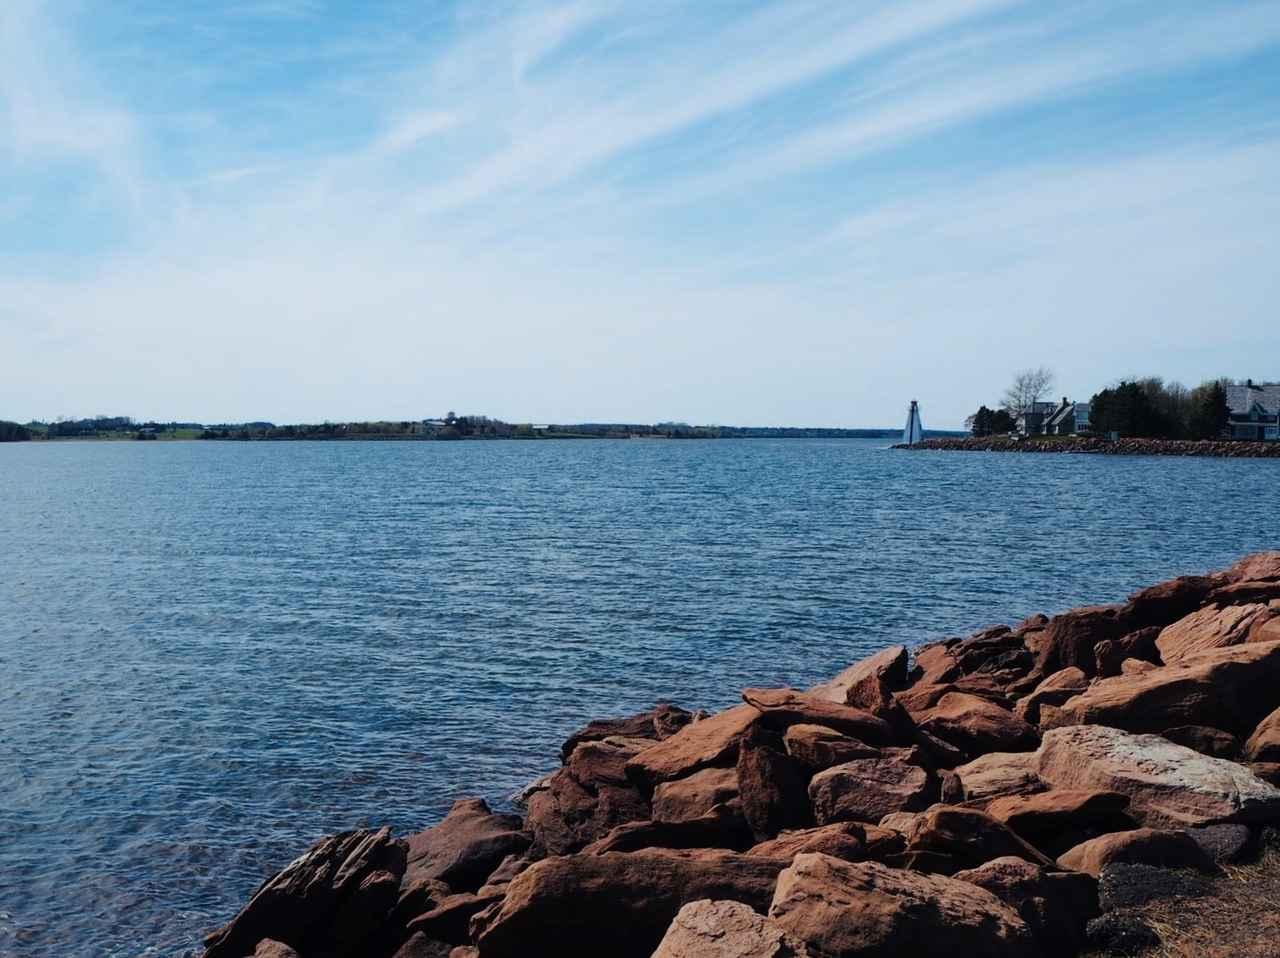 画像: 市民の憩いの場・ビクトリアパークでは美しい海岸線が広がります